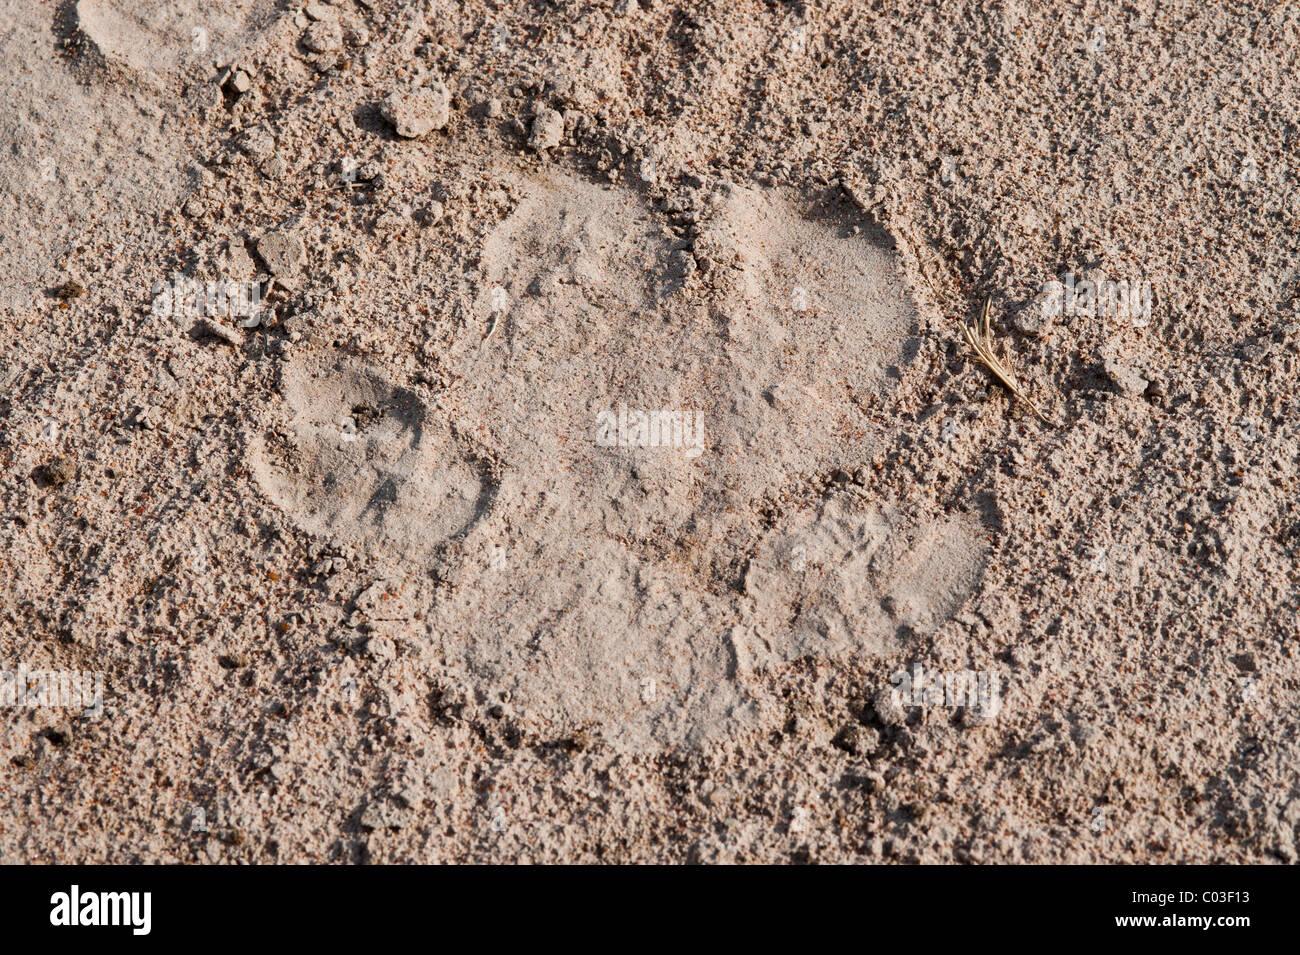 Footprint of a hippopotamus - Stock Image